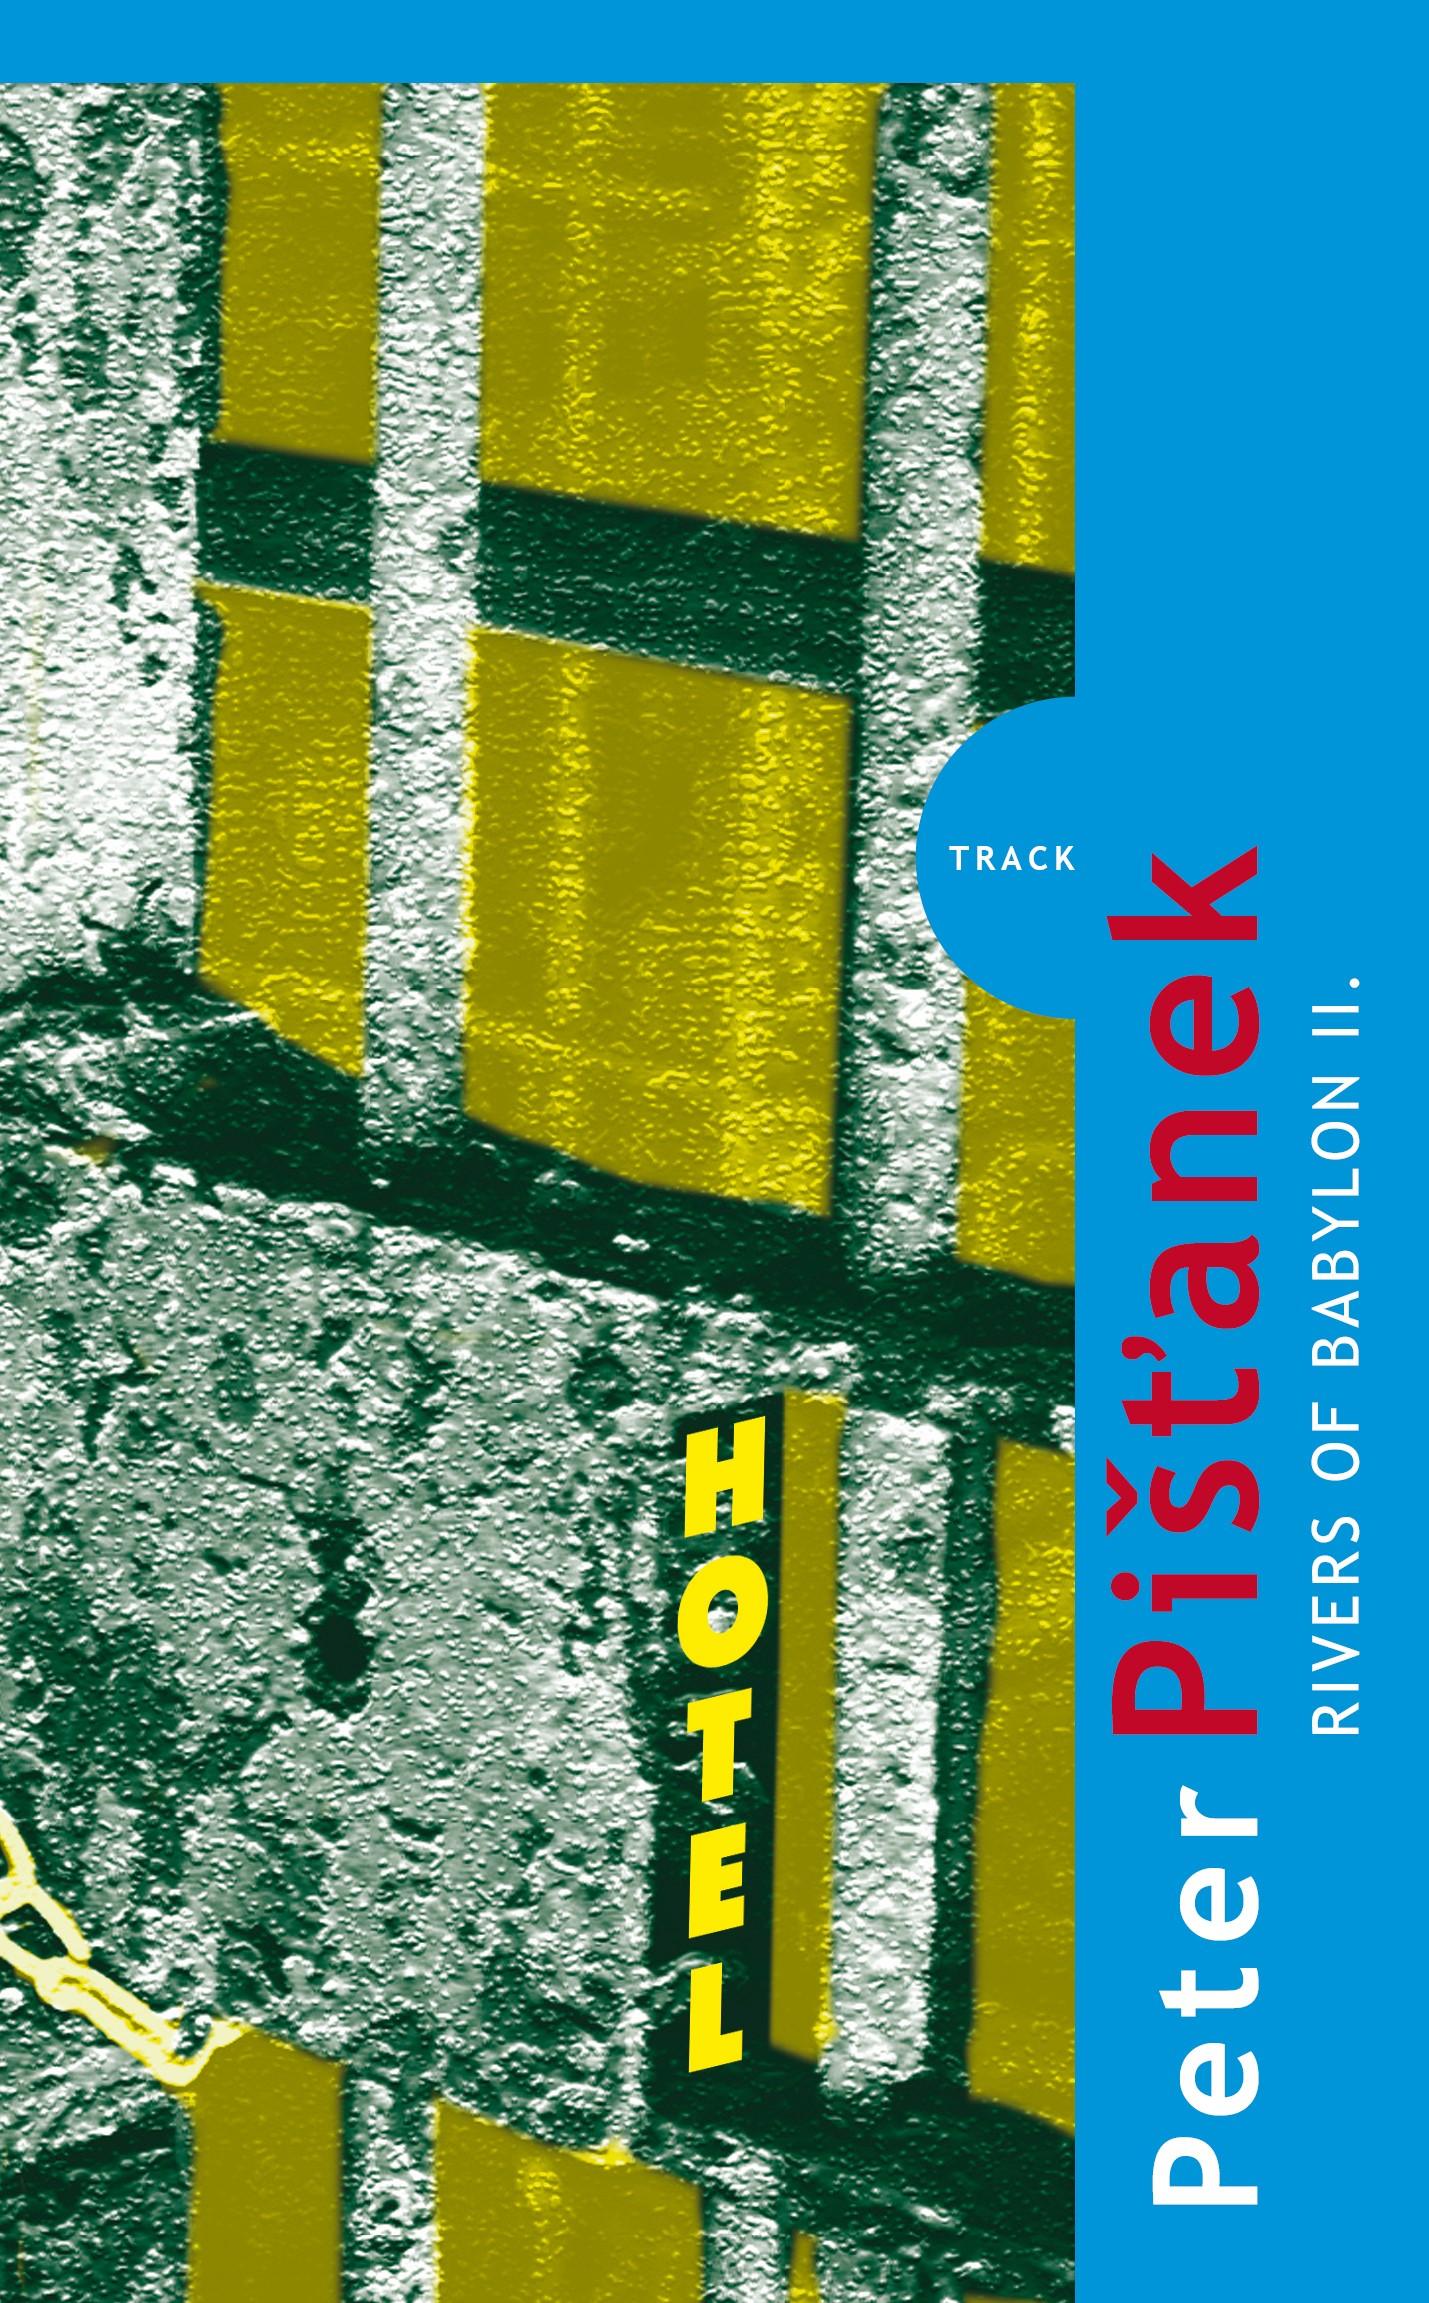 Rivers of Babylon II. | Peter Pišťanek, Miroslav Zelinský, Kristýna Zelinská